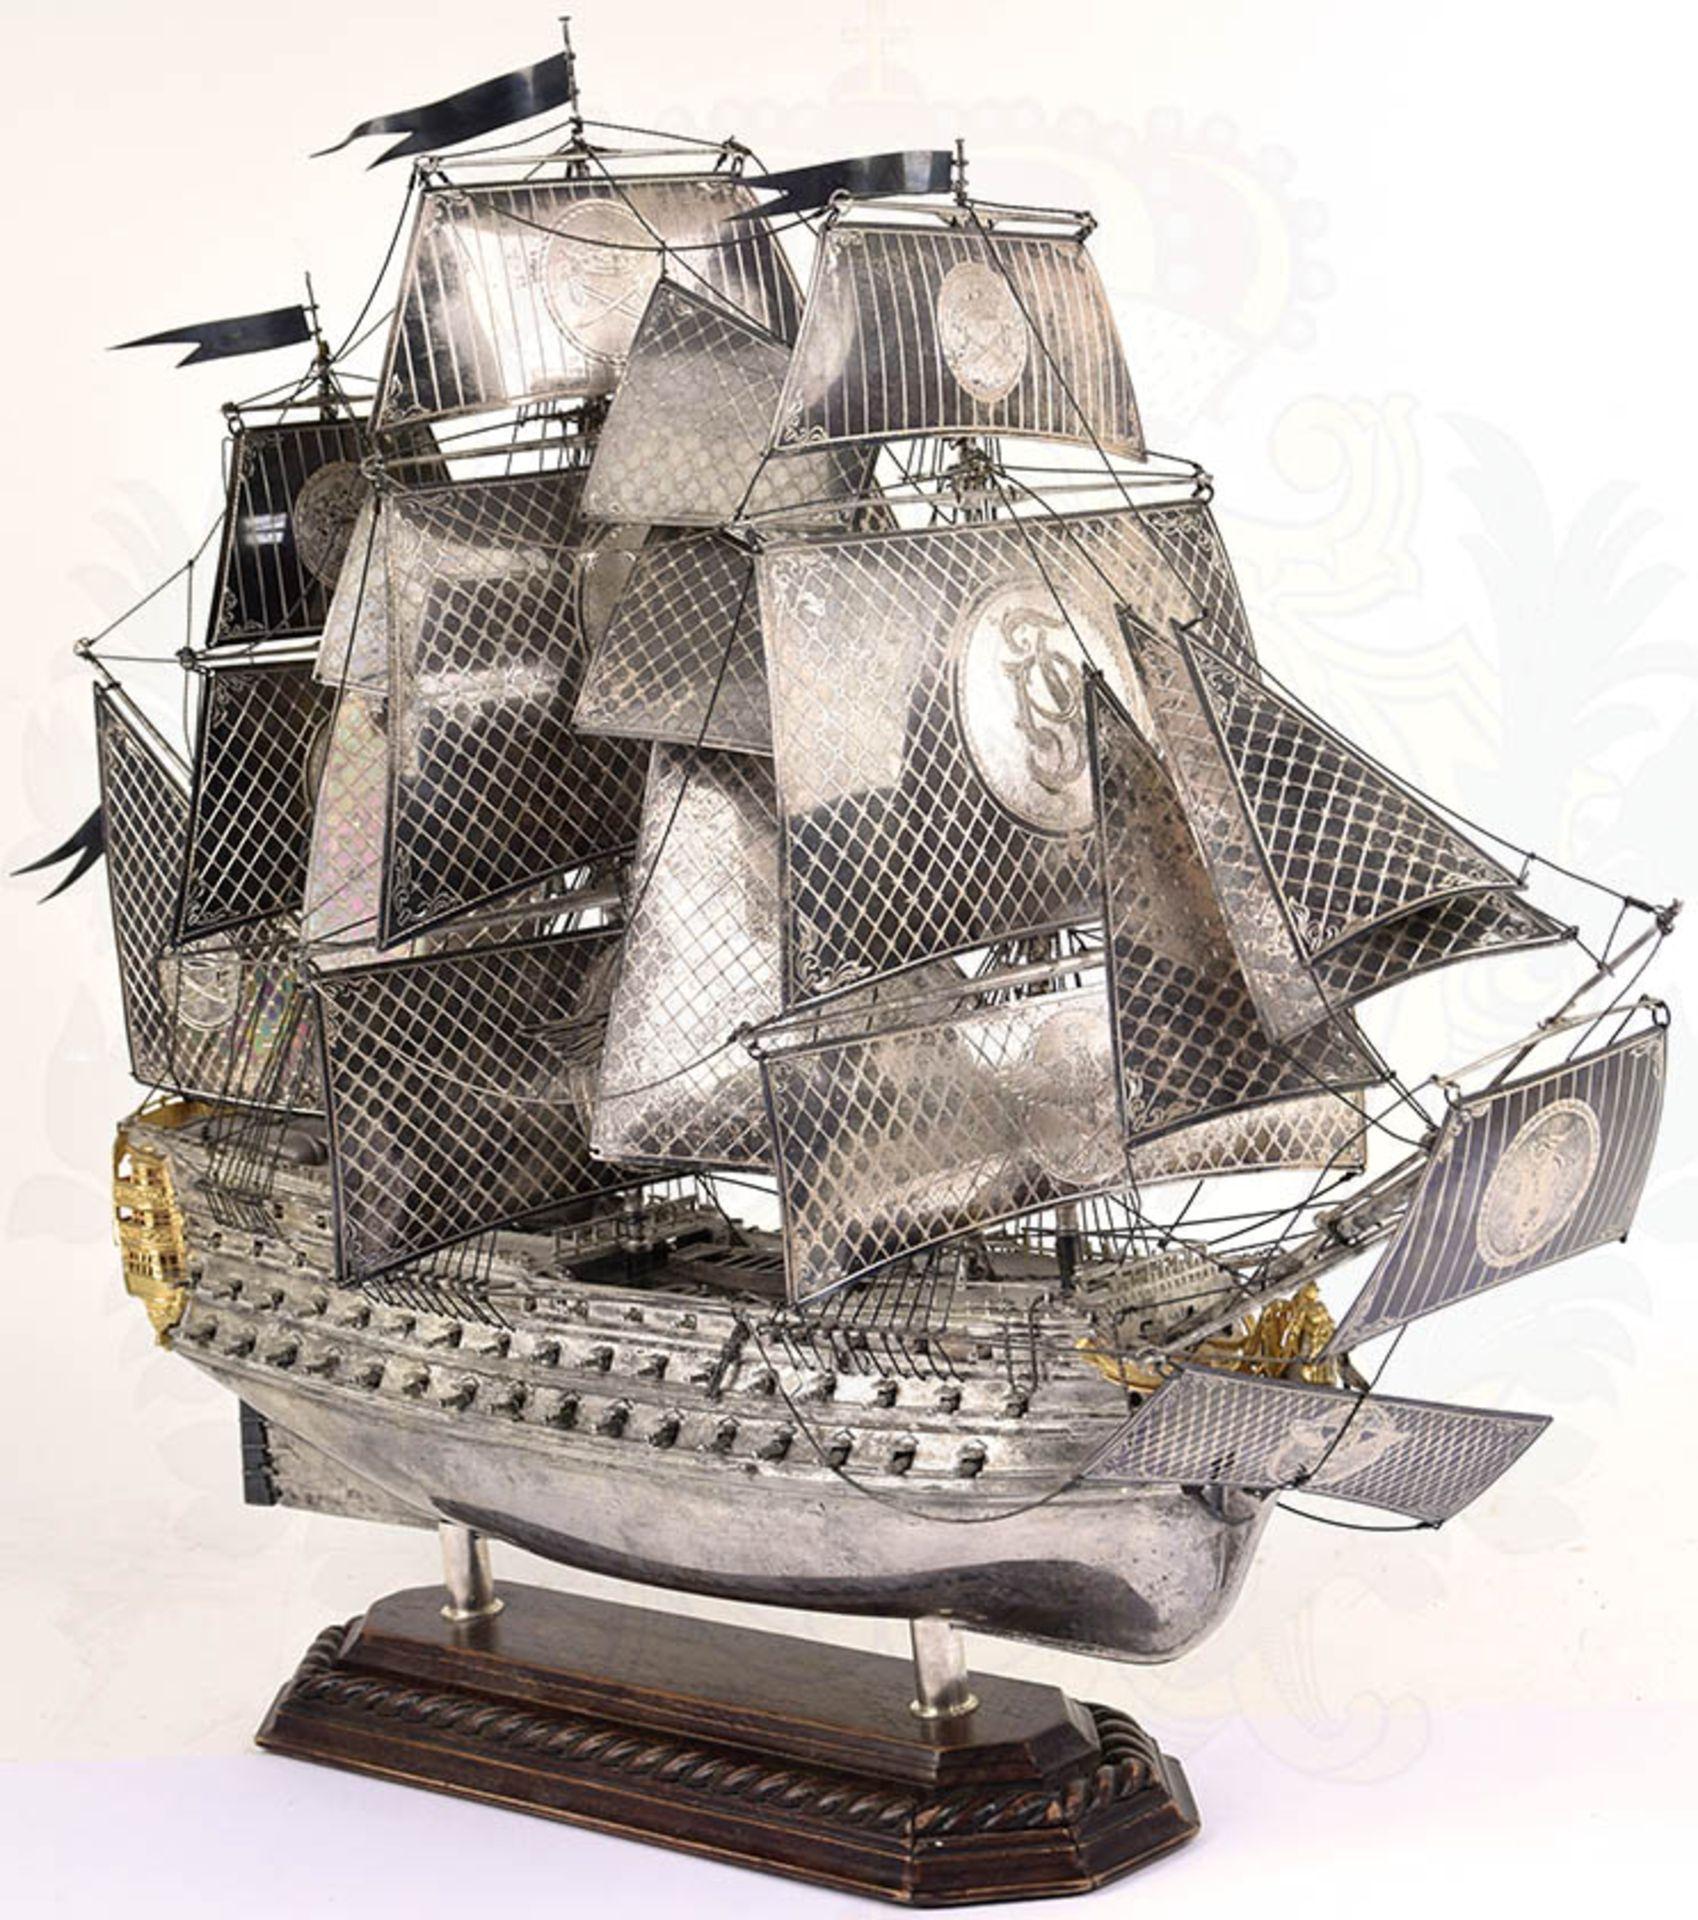 MODELL-LINIENSCHIFF, Dreidecker-Segellinienschiff der 2. Hälfte des 18. Jhd. mit 100 Kanonen,